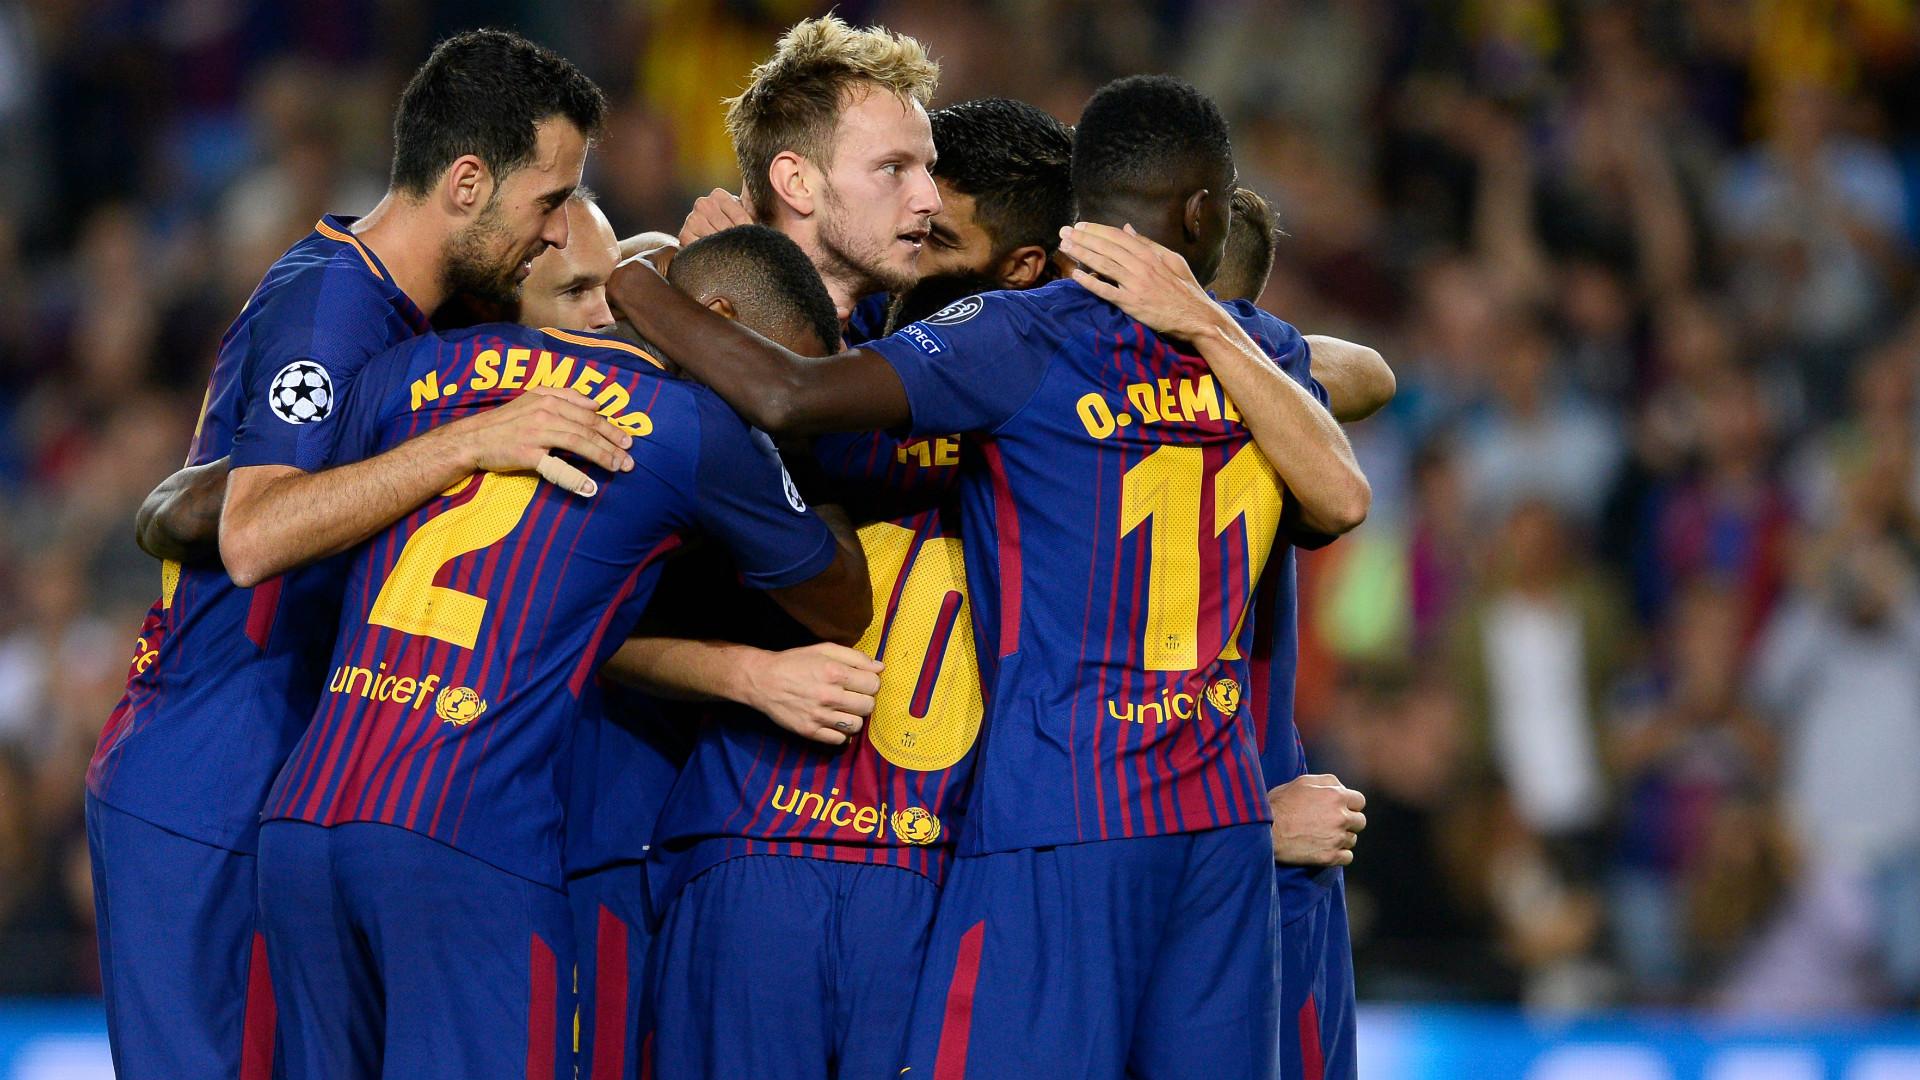 [VIDEO] Millonario fichaje del Barcelona se lesionó en una jugada intrascendente